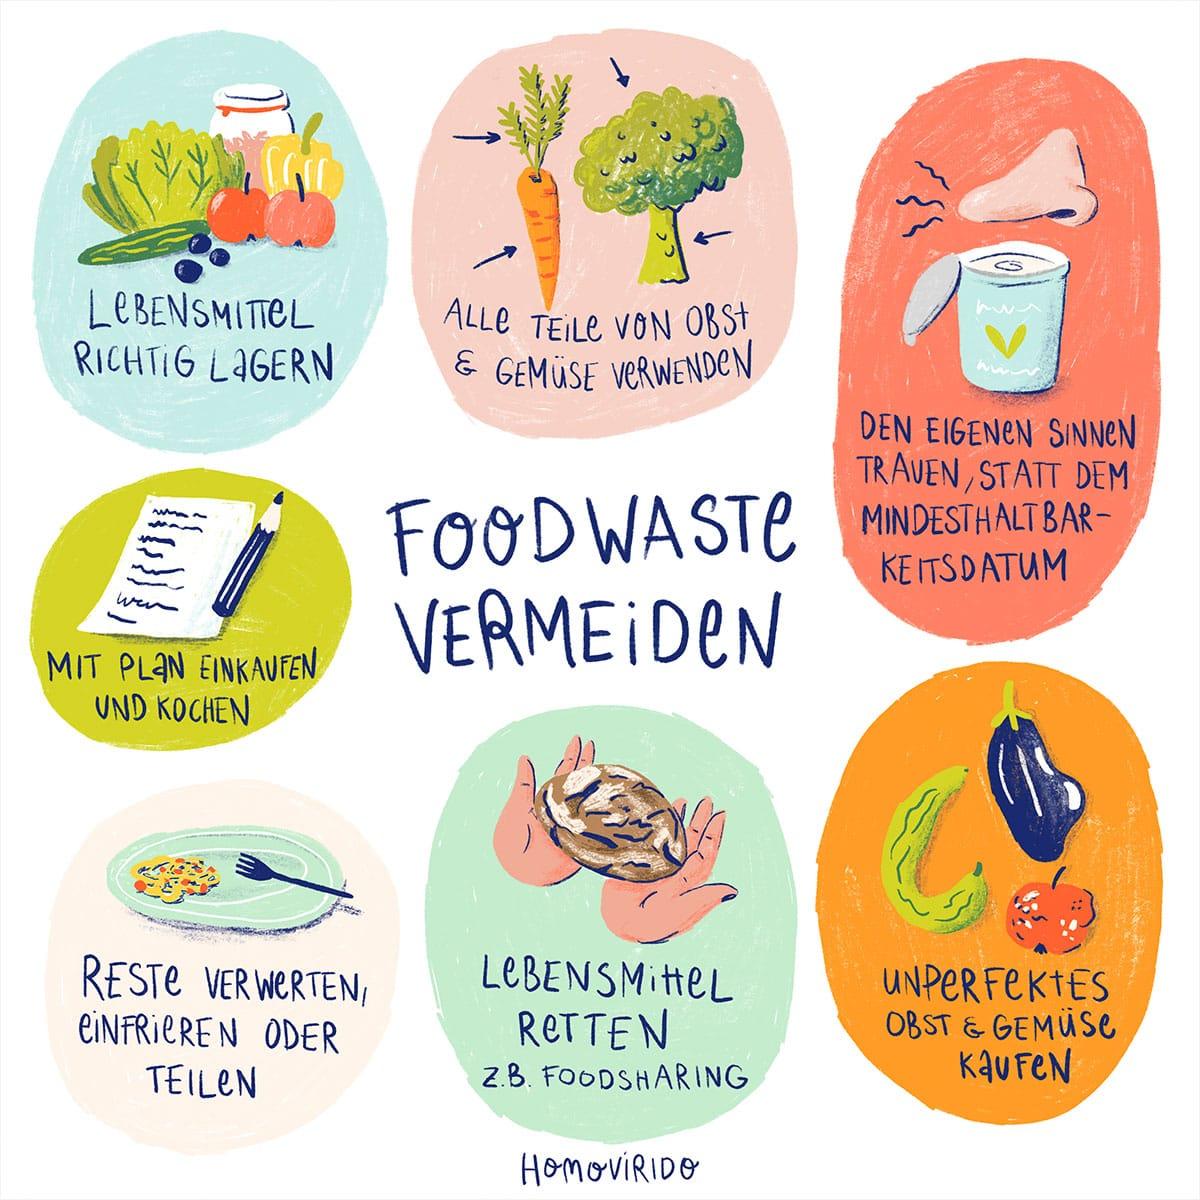 PetraHollaender_Foodwaste_Vermeiden